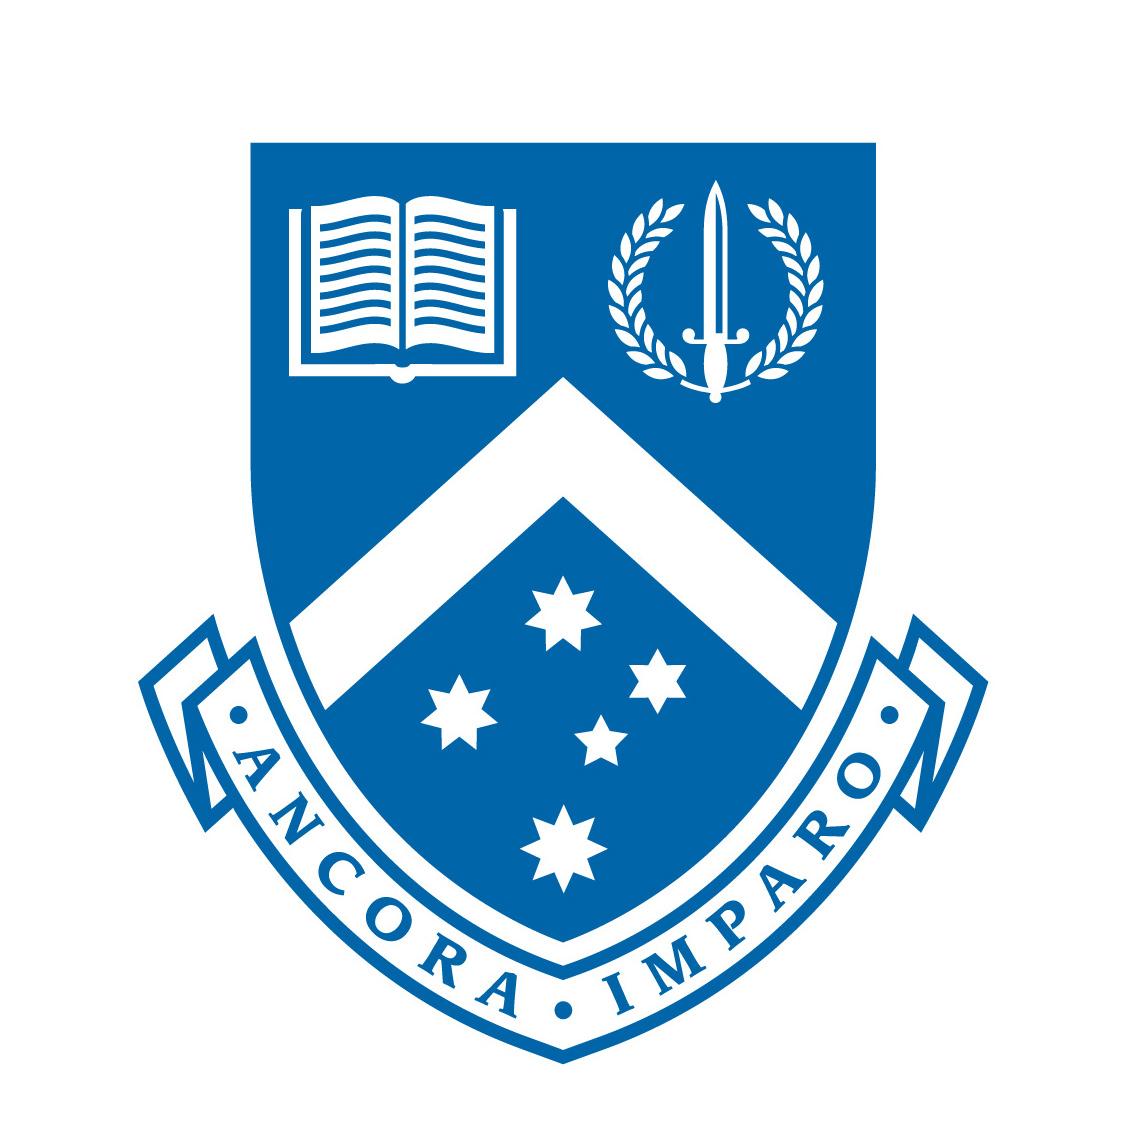 澳洲八大名校,澳洲八大硕士,澳洲硕士申请,澳洲研究生申请,澳洲COE政策